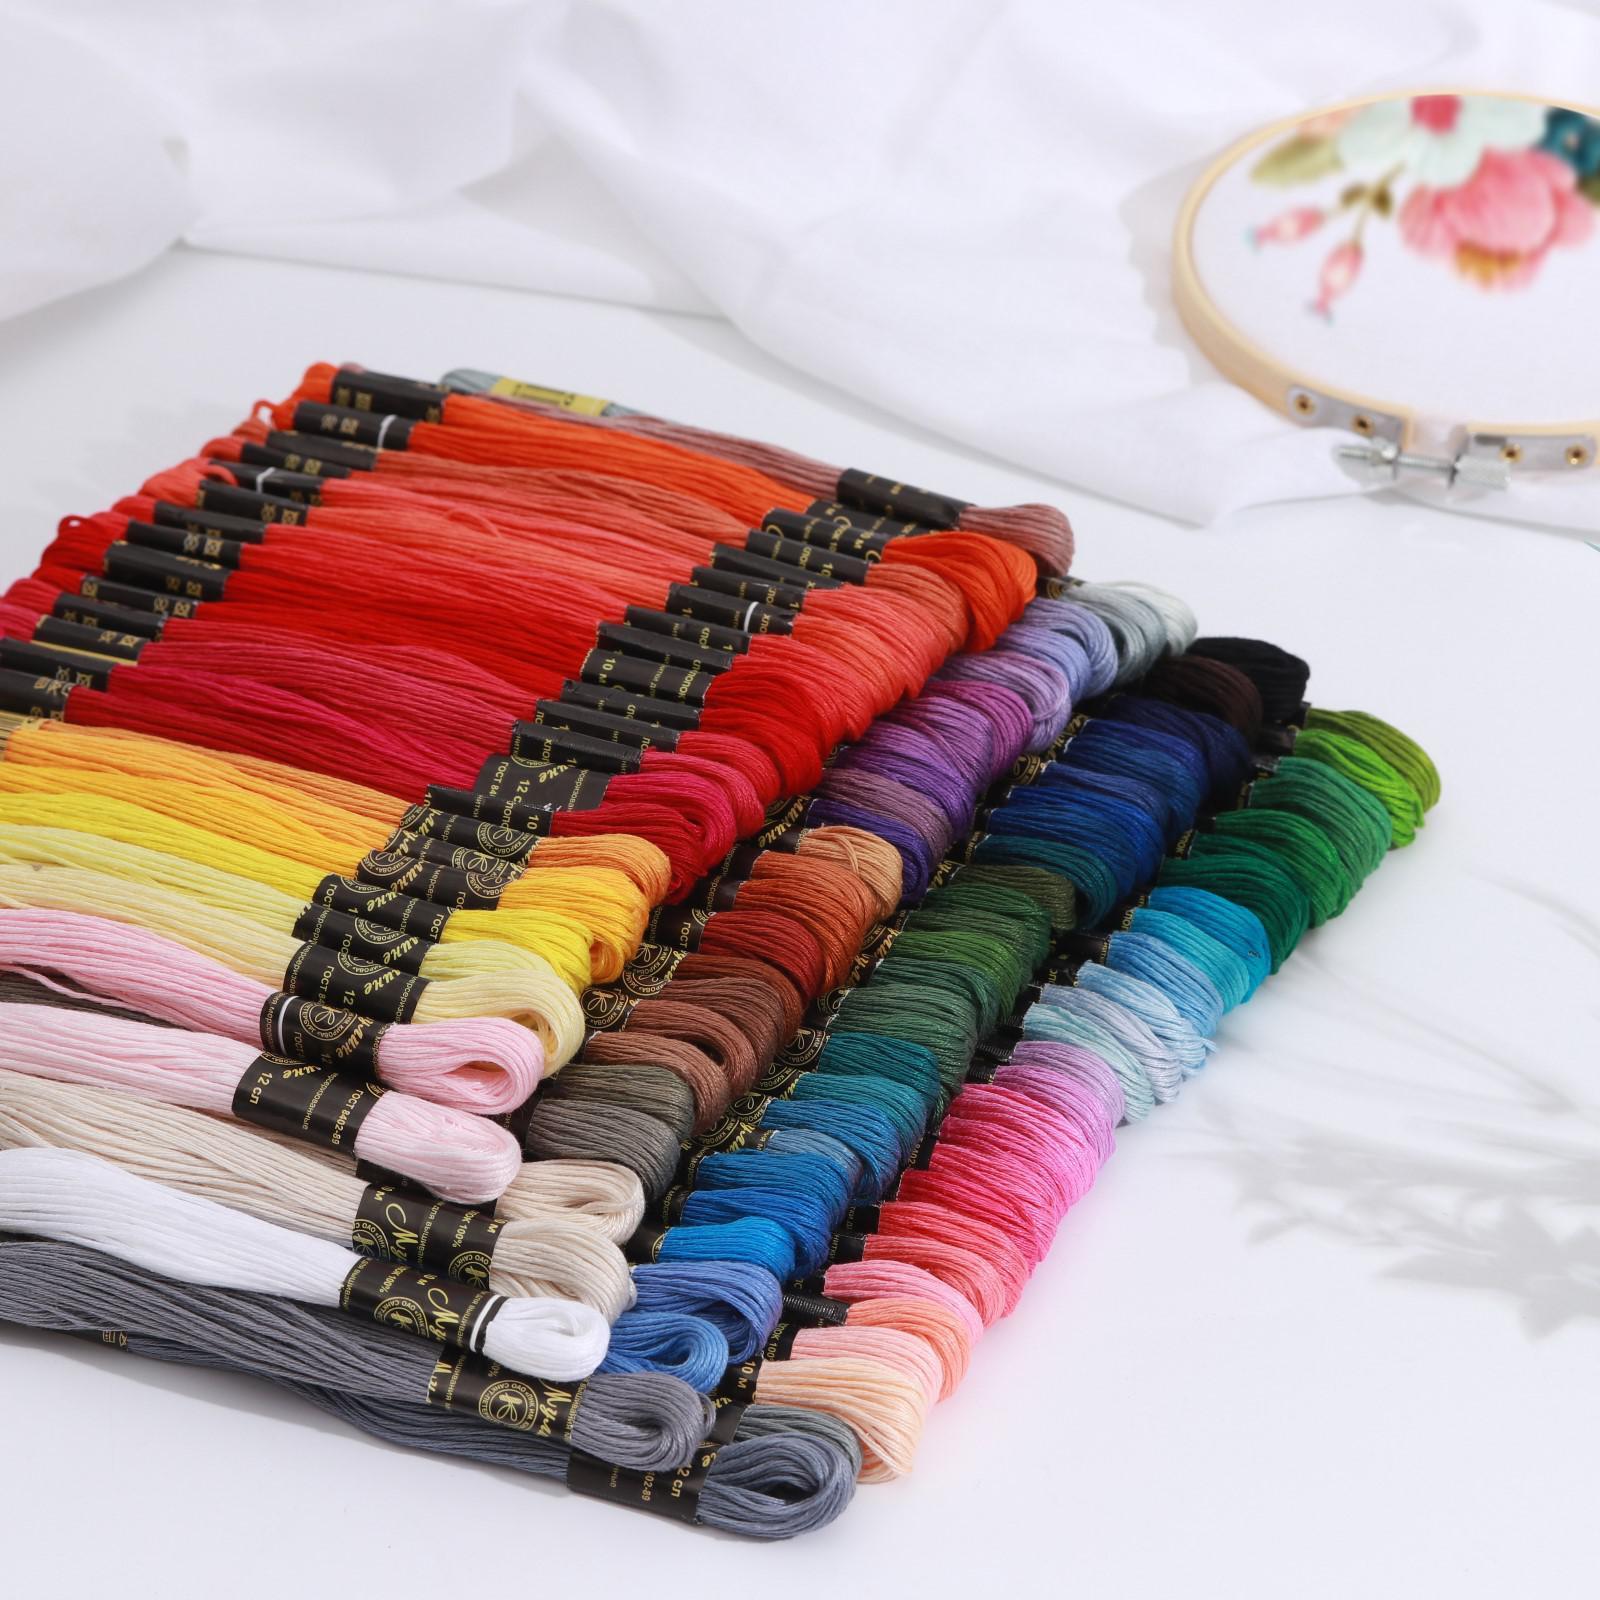 Мулине петербурженка карта цветов ткань бечевка купить